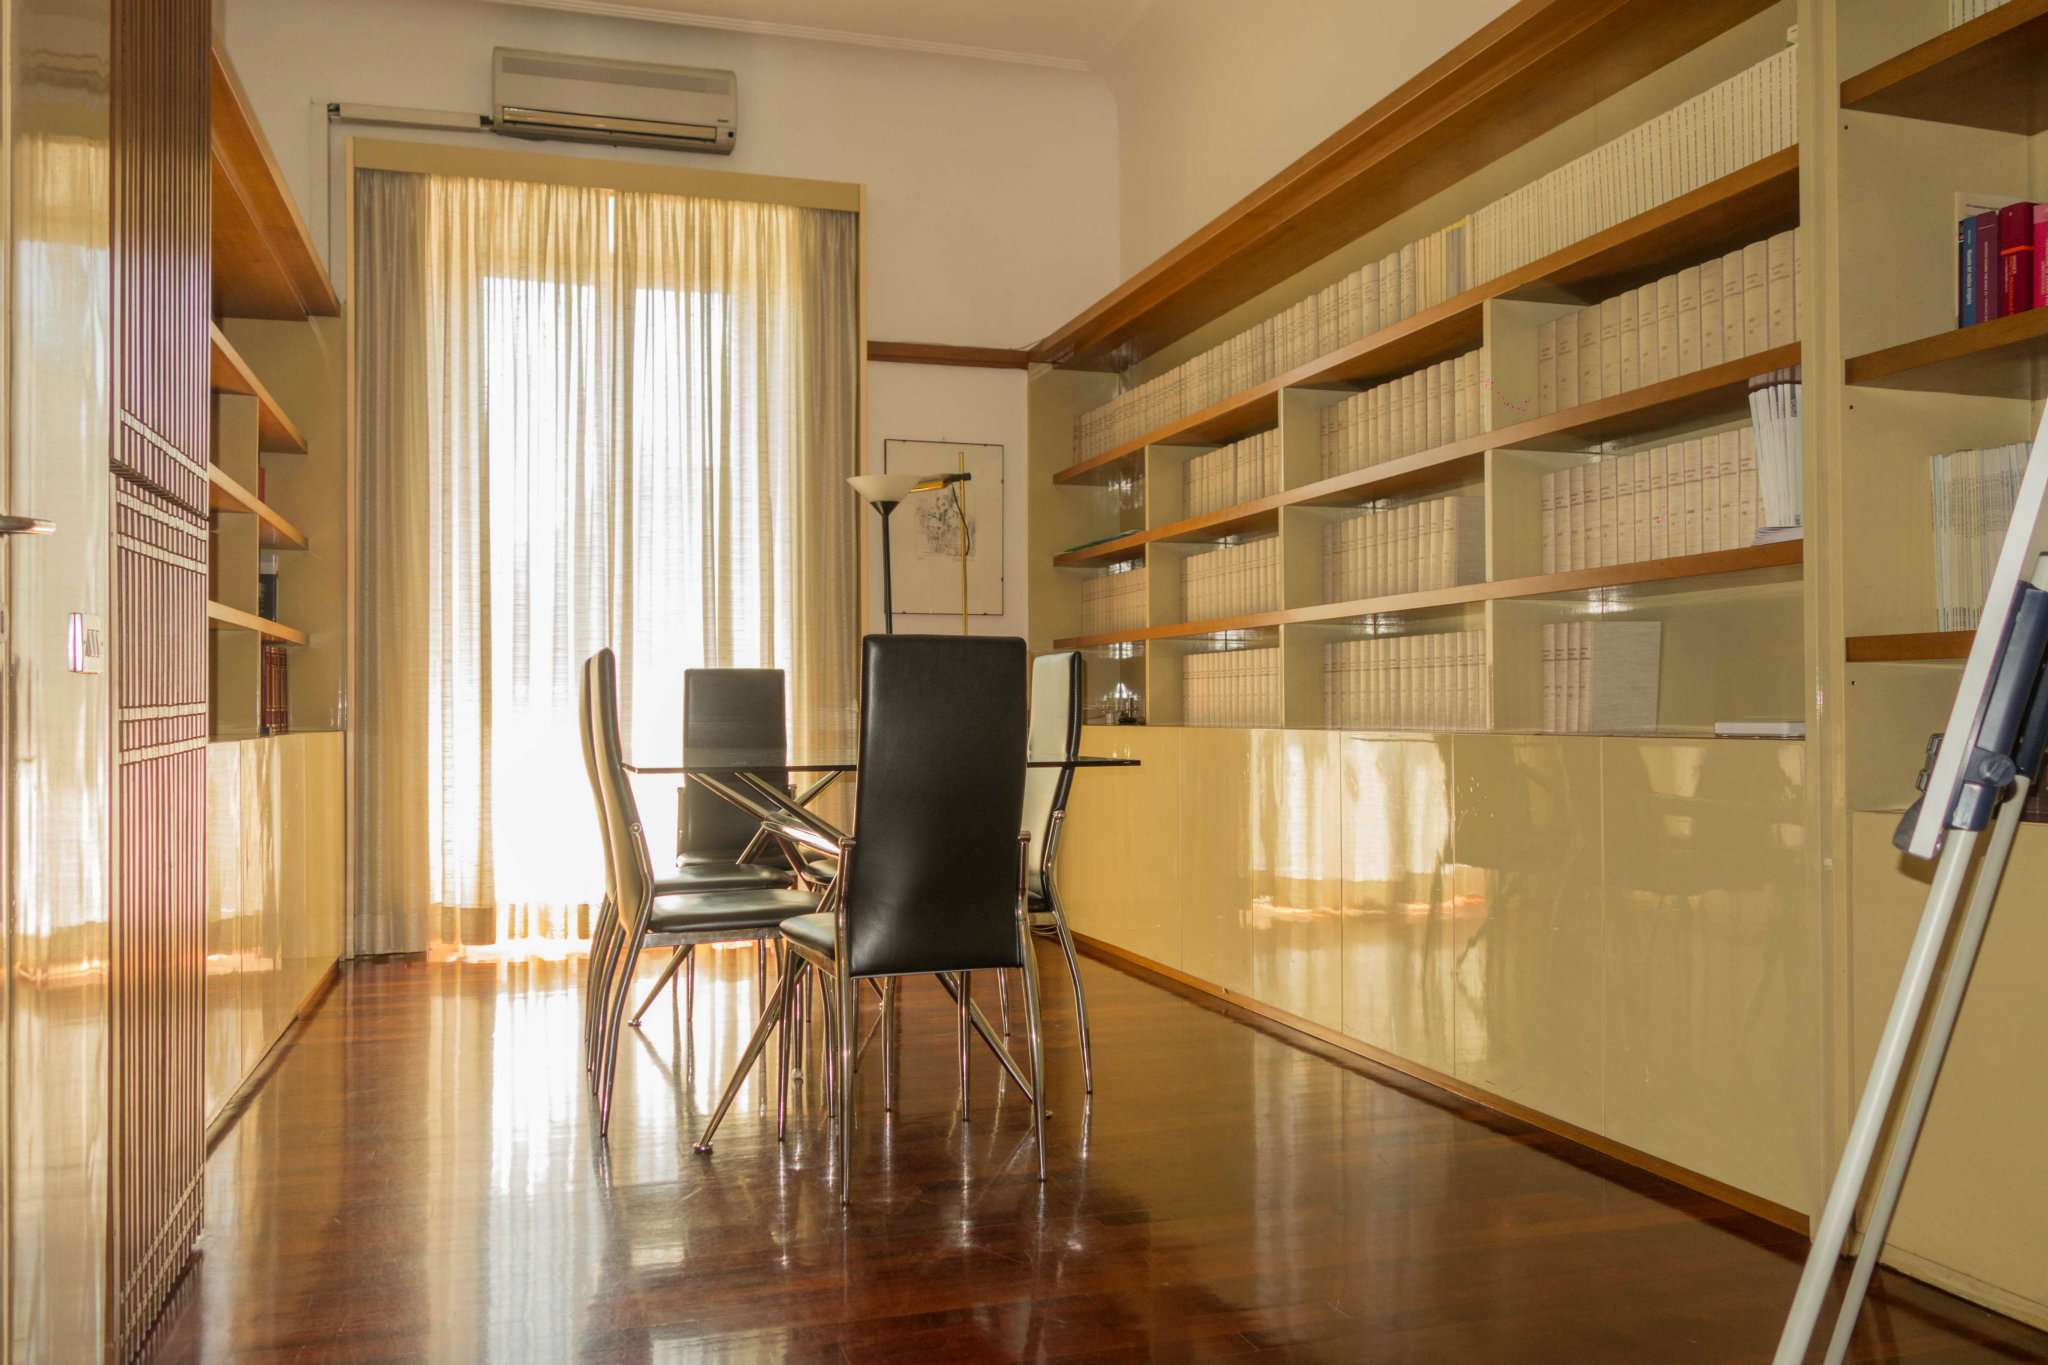 Ufficio studio roma vendita zona 2 for Vendita ufficio roma